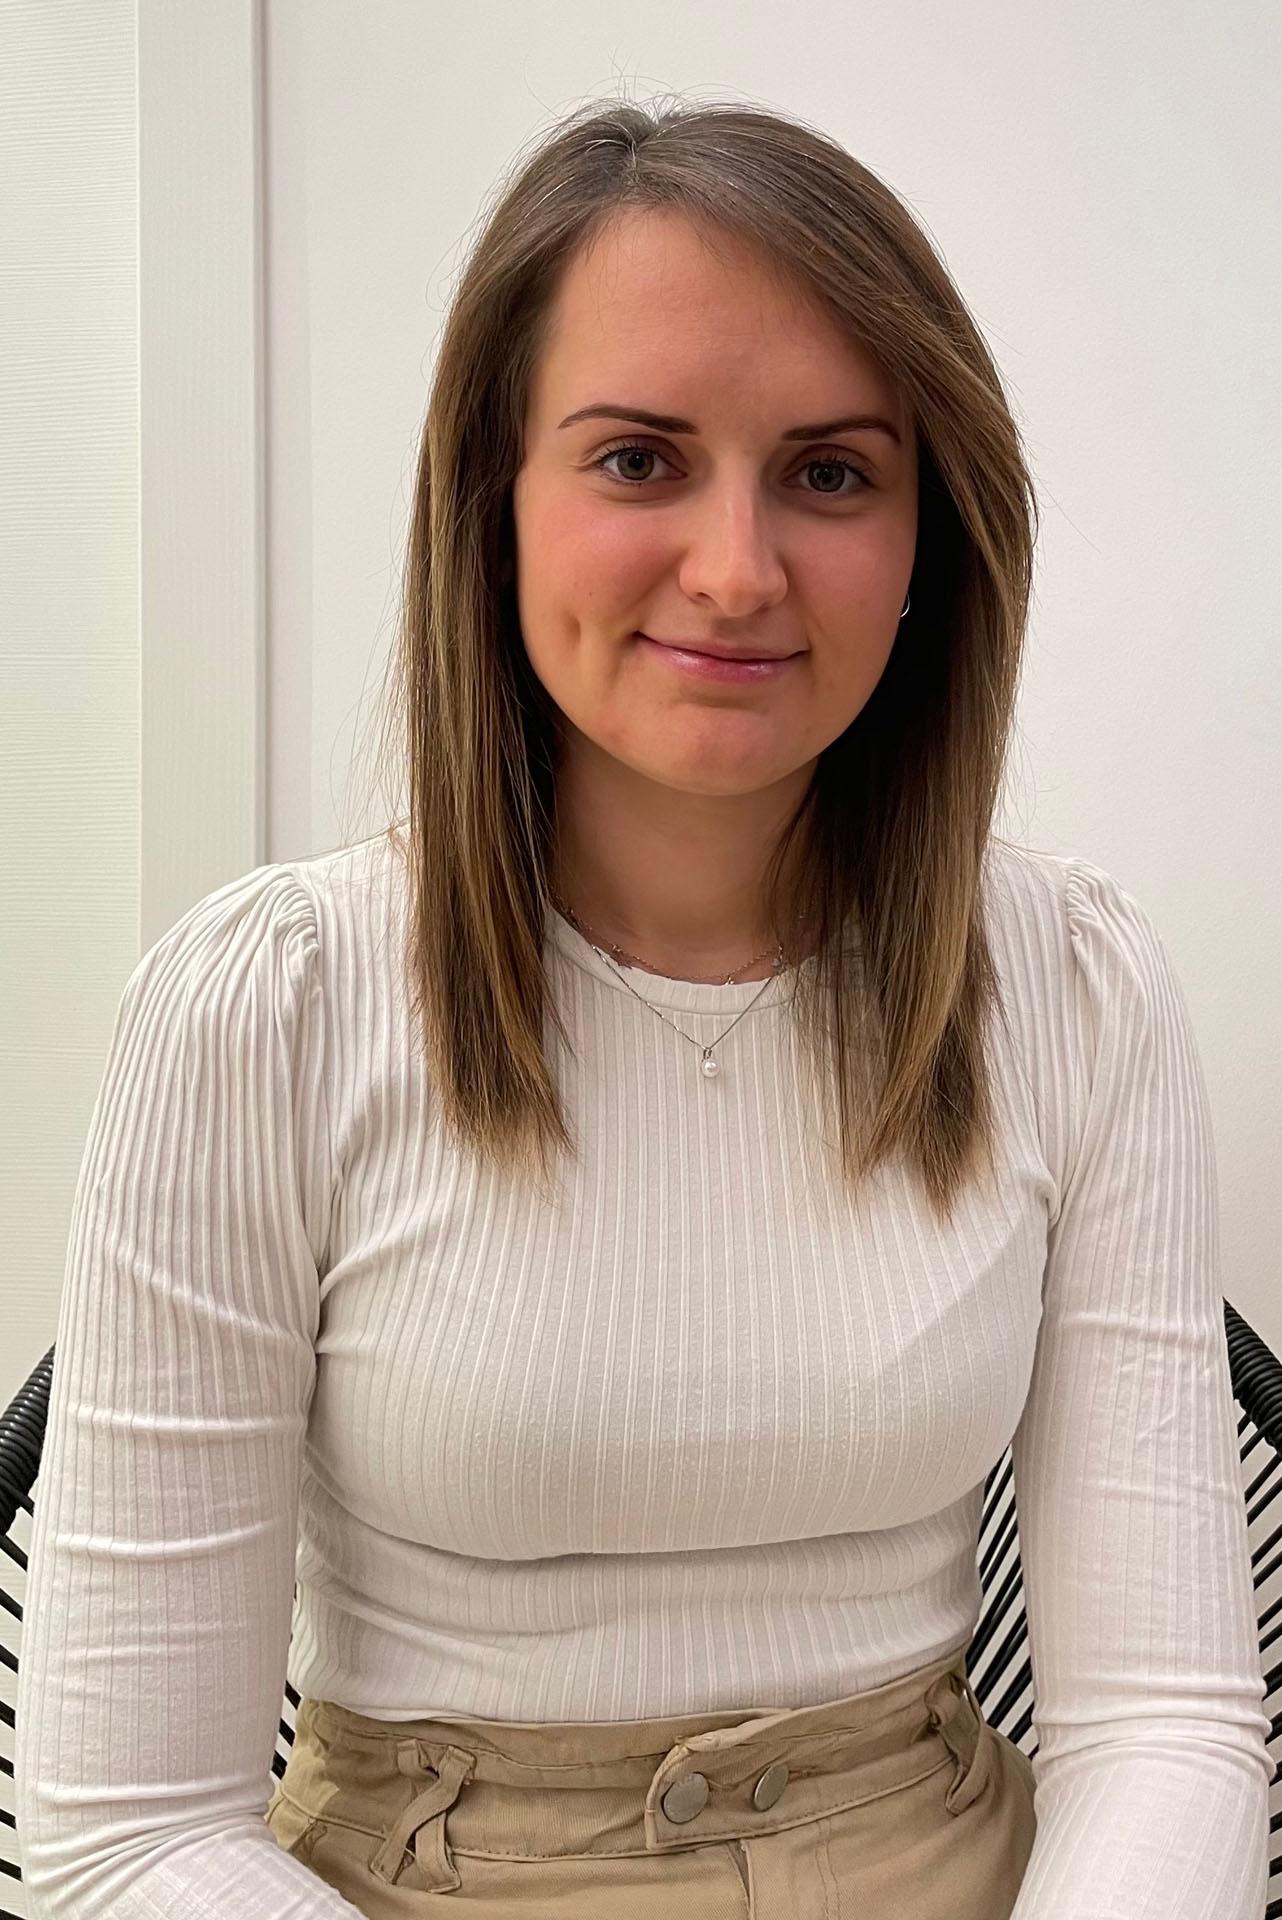 psicologa Trento Stefania Zandonati